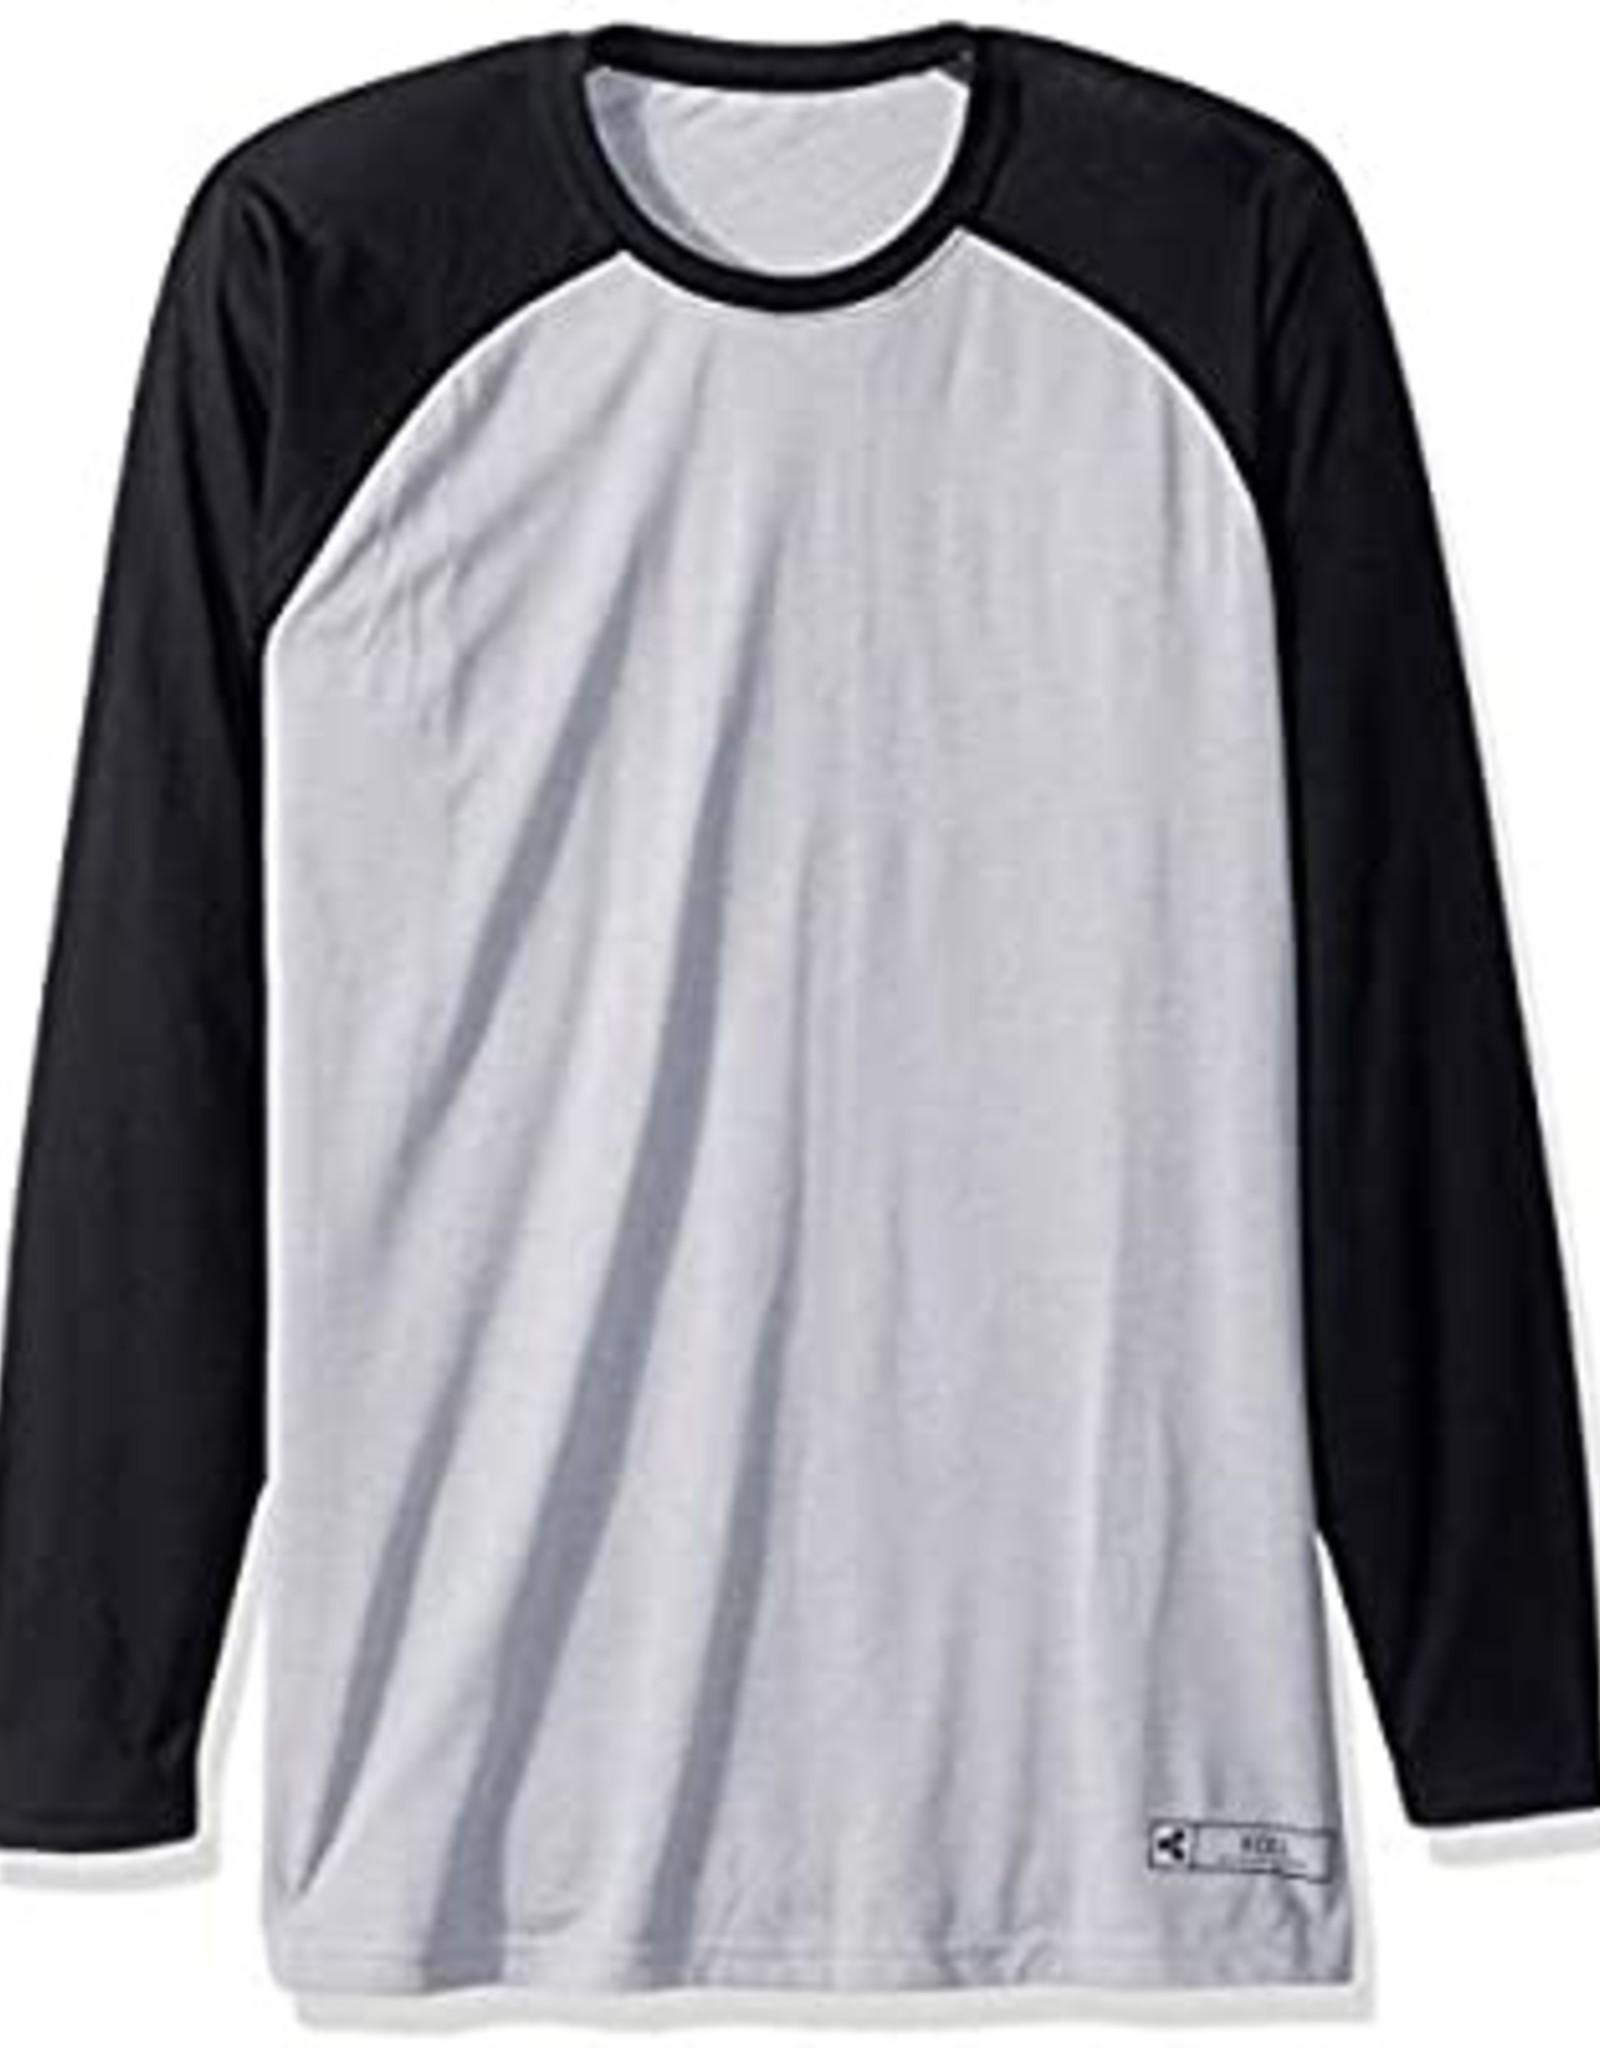 Xcel Xcel Men's ThreadX L/S Grey/Black